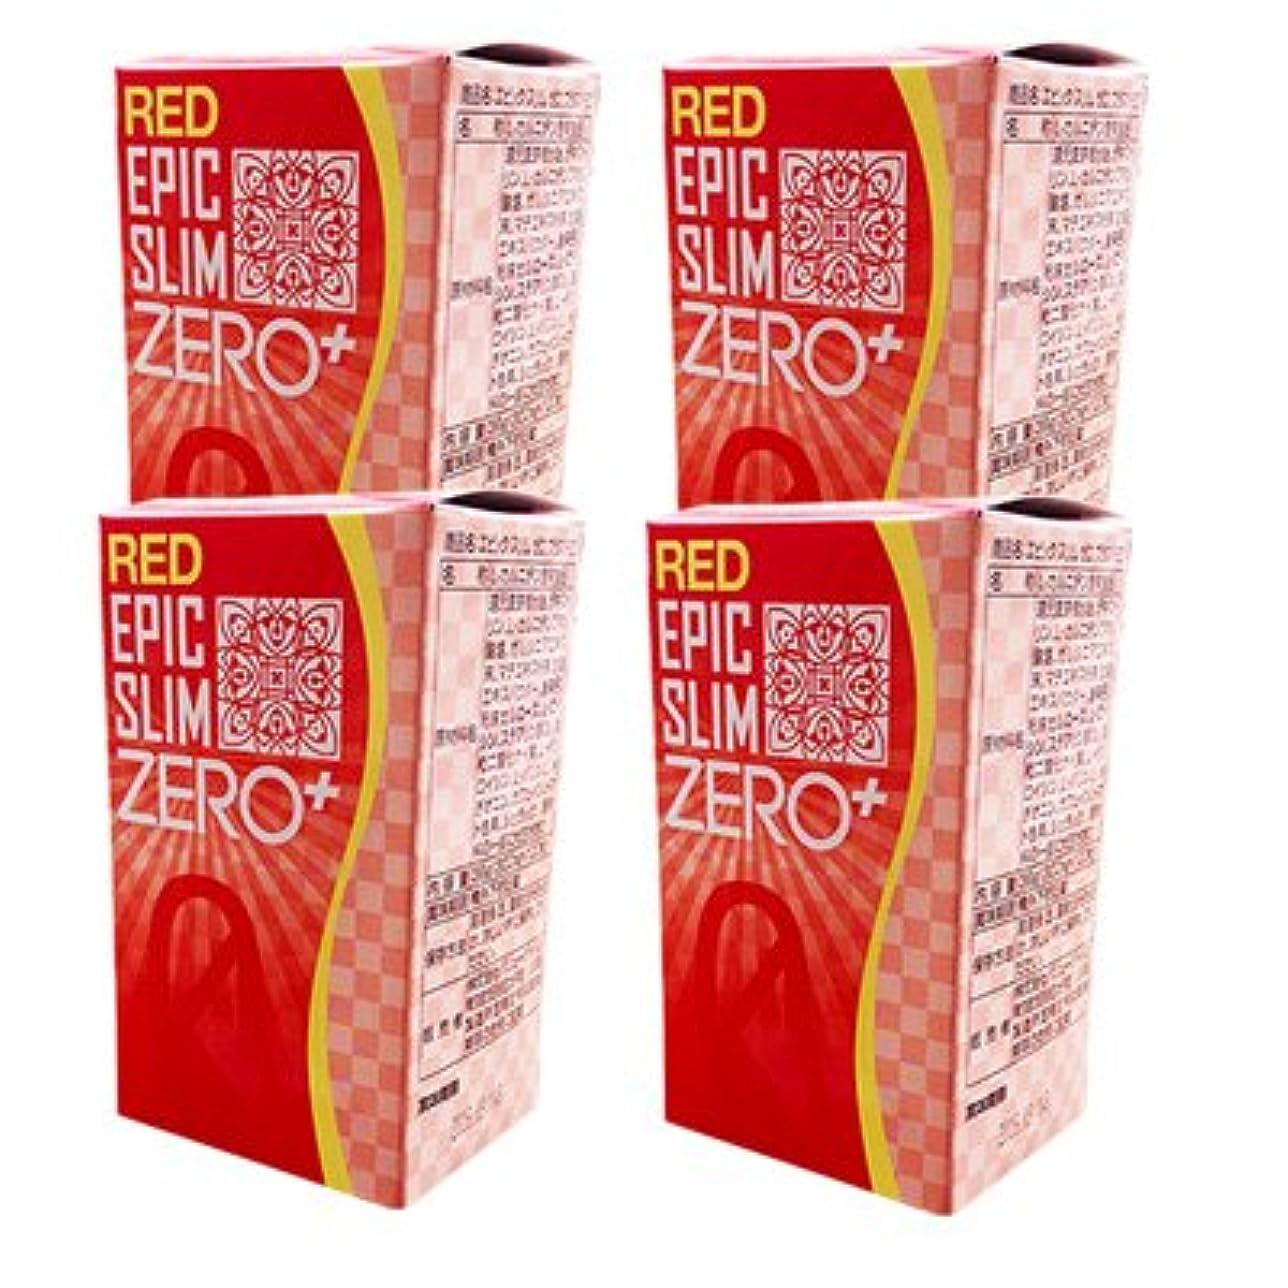 瞳外部ペットレッド エピックスリム ゼロ レッド 4個セット!  Epic Slim ZERO RED ×4個